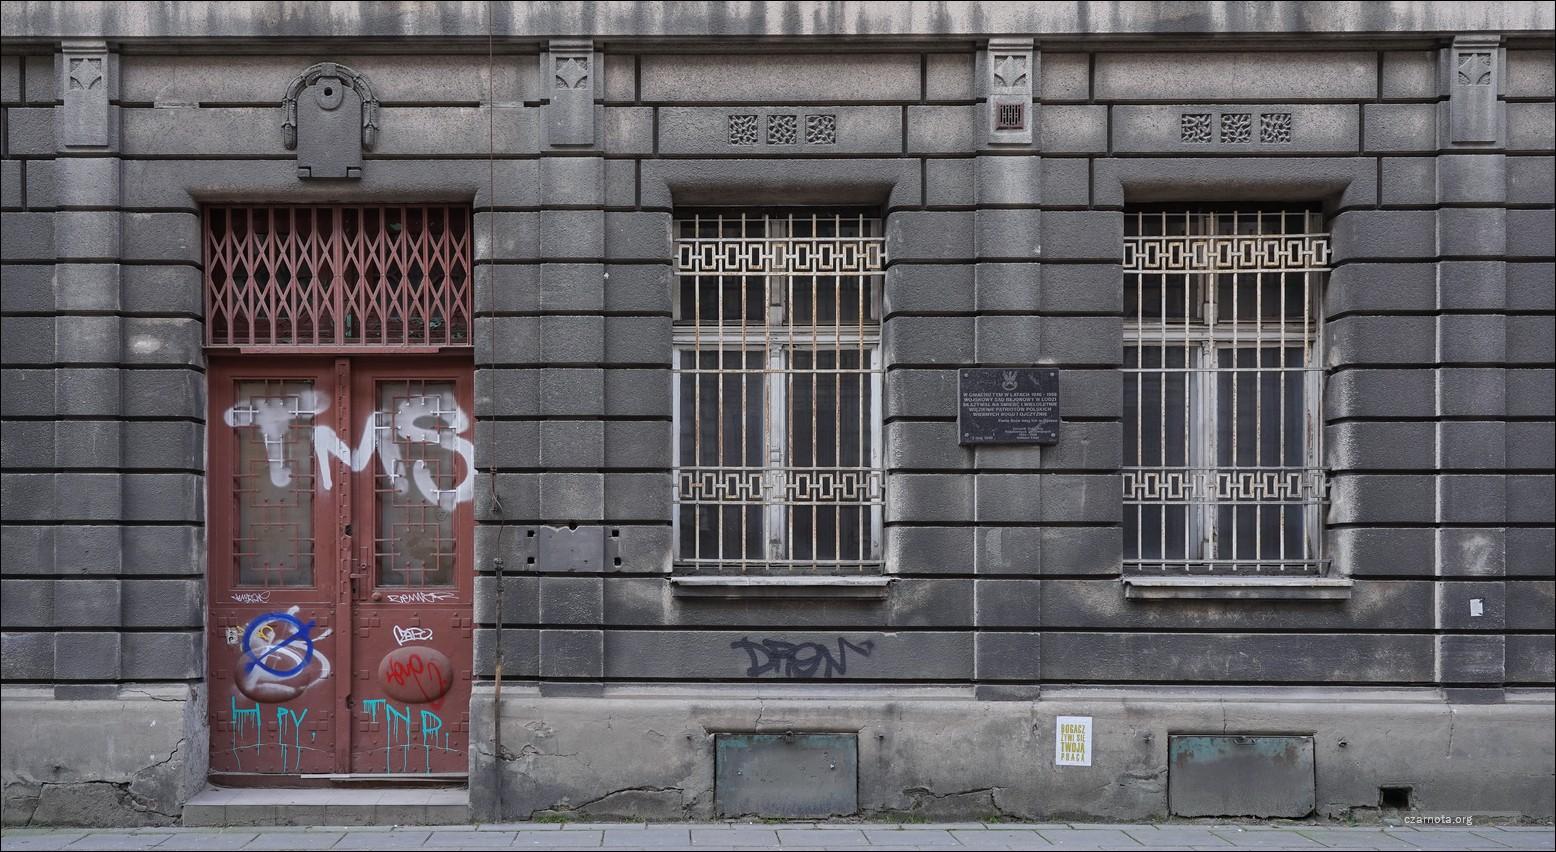 Łódź, ul. Moniuszki 10, Wojskowy Sąd Rejonowy w Łodzi